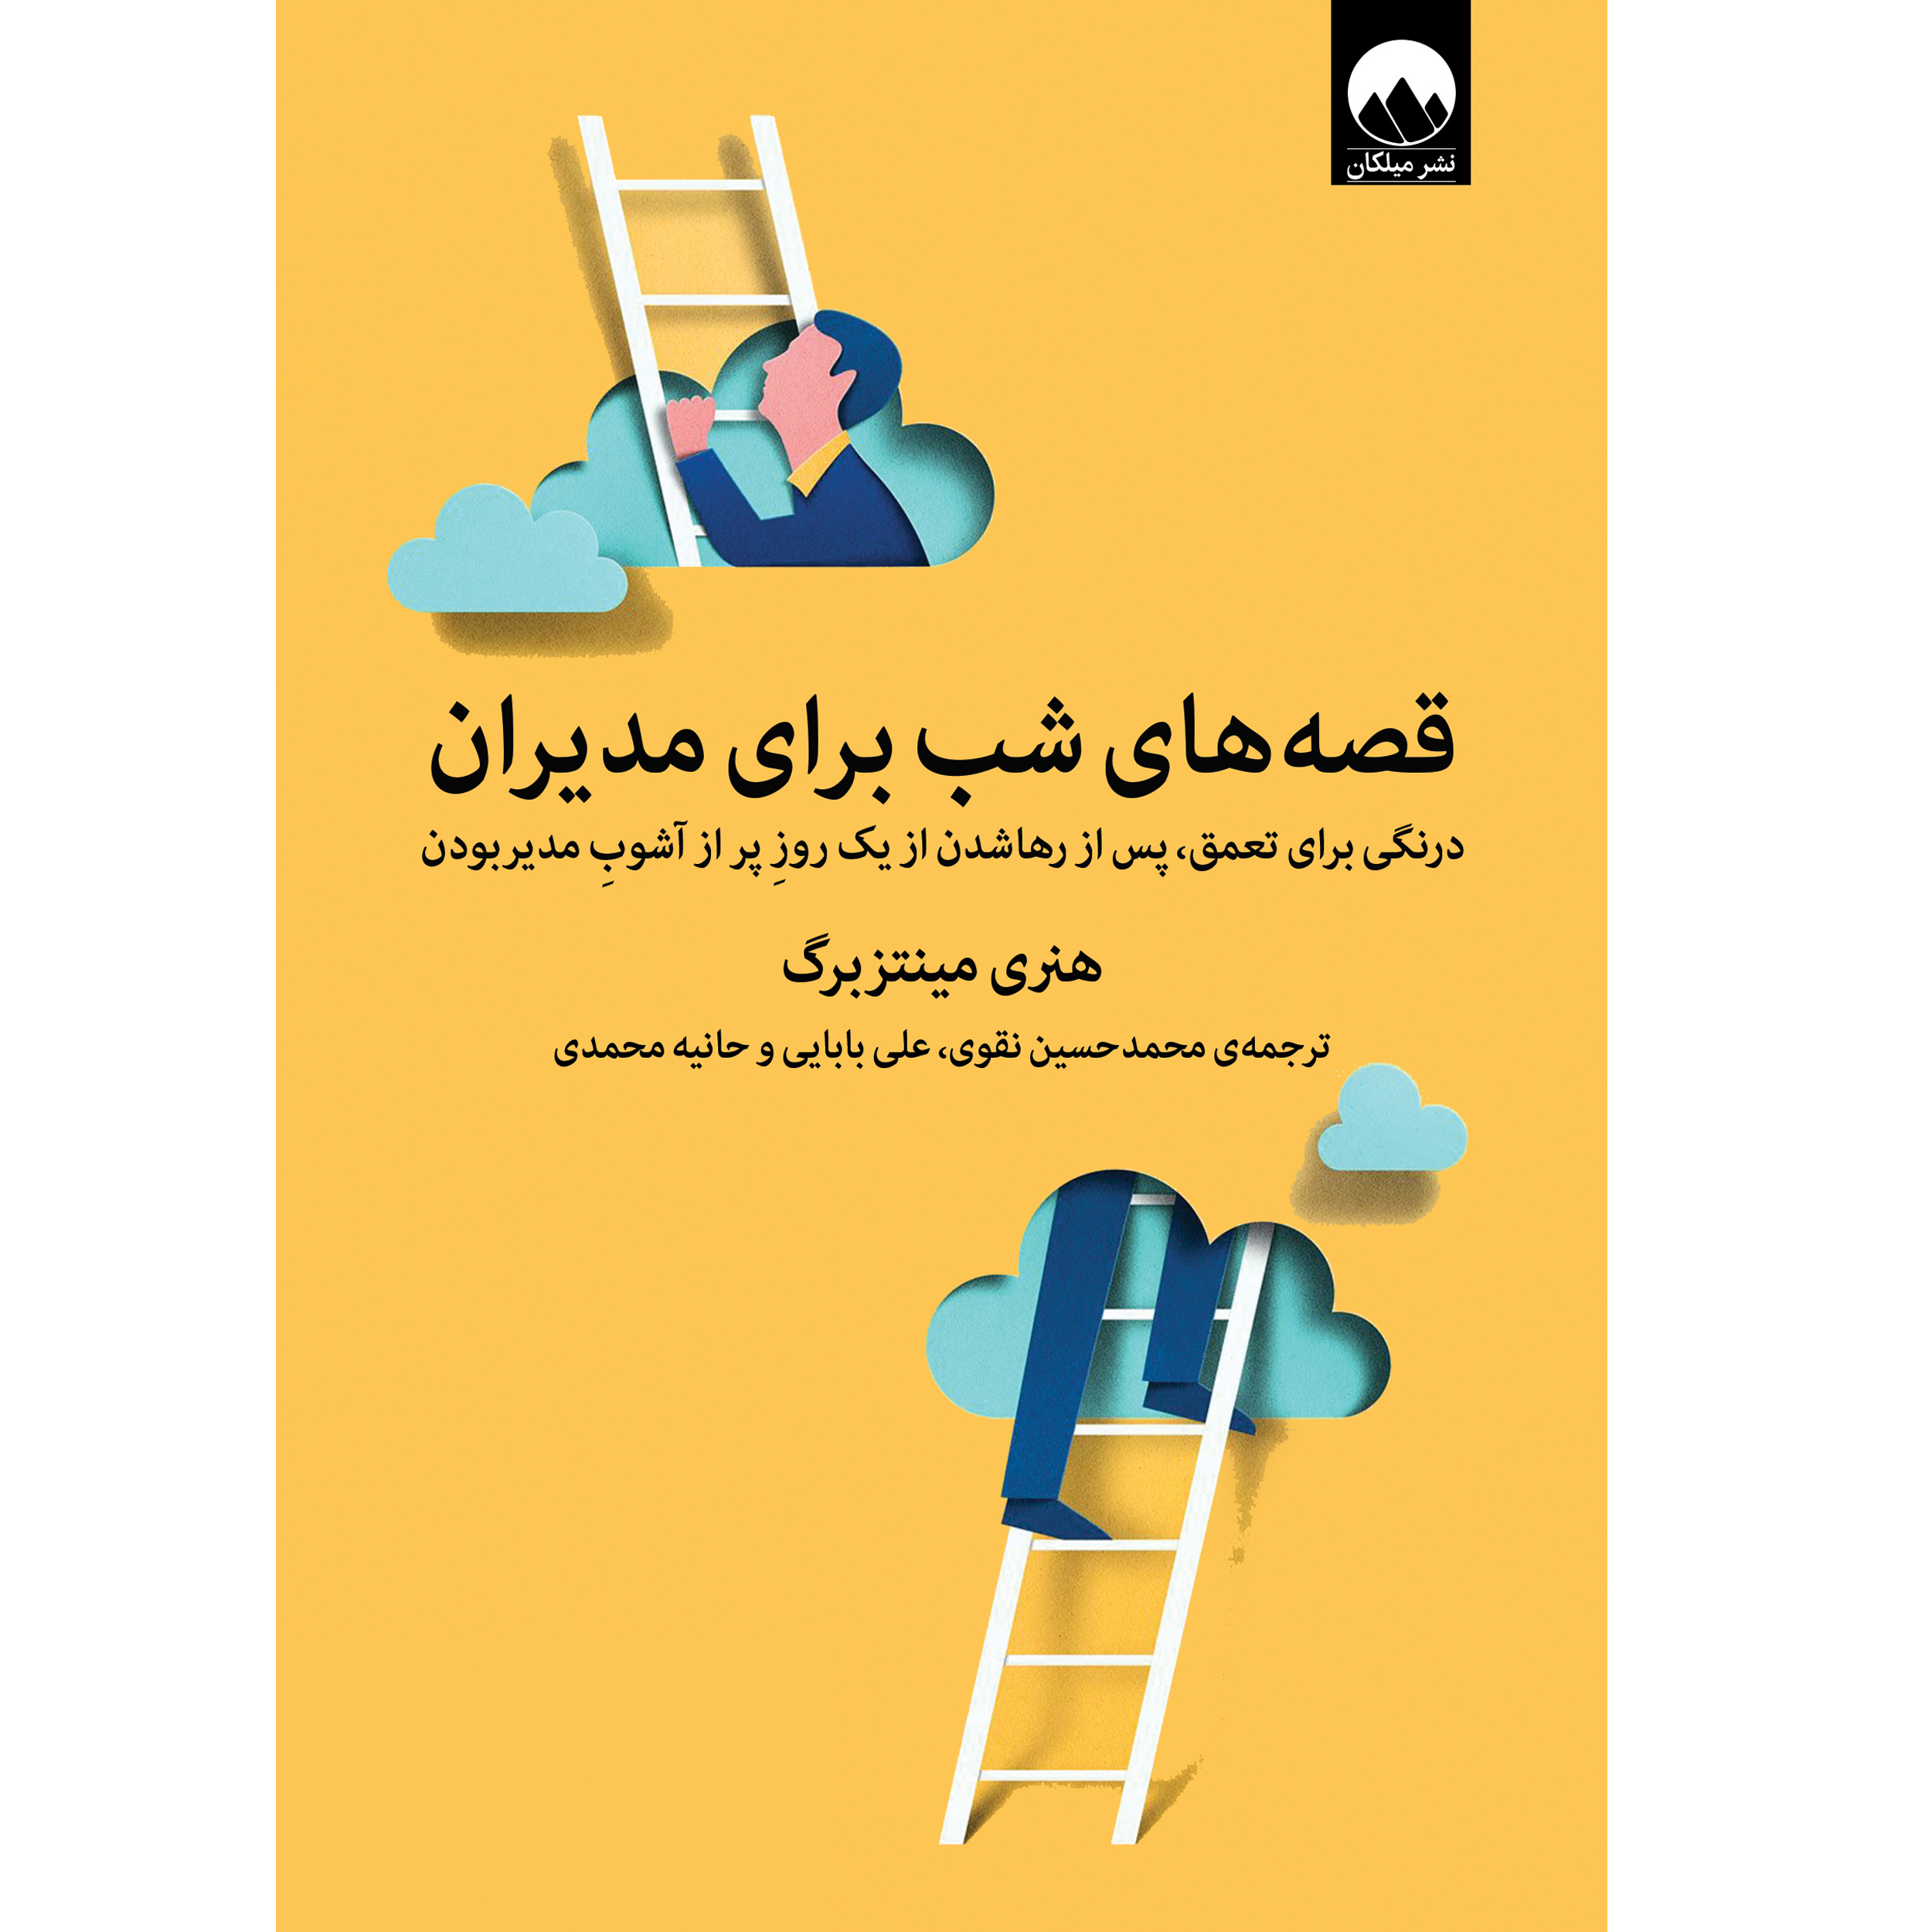 خرید                      کتاب قصه های شب برای مدیران اثر هنری مینتزبرگ نشر میلکان